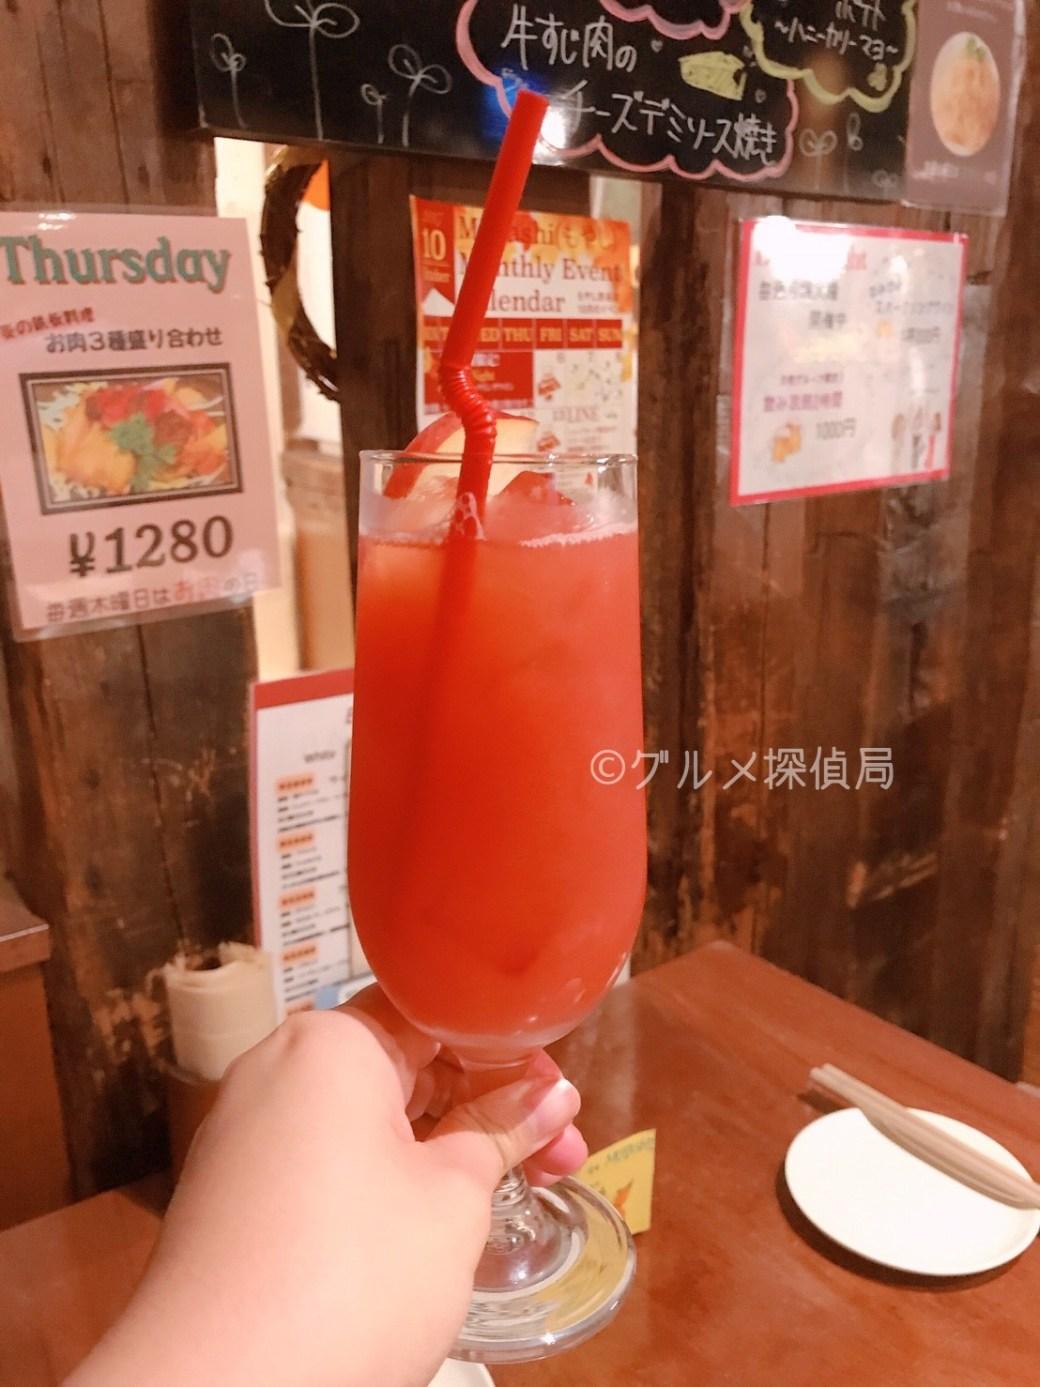 グルメ探偵局|人生で1番もやしを食べた日!渋谷「おかずとおさけ もやし」でもやしのフリットや幻の大鰐温泉もやし!